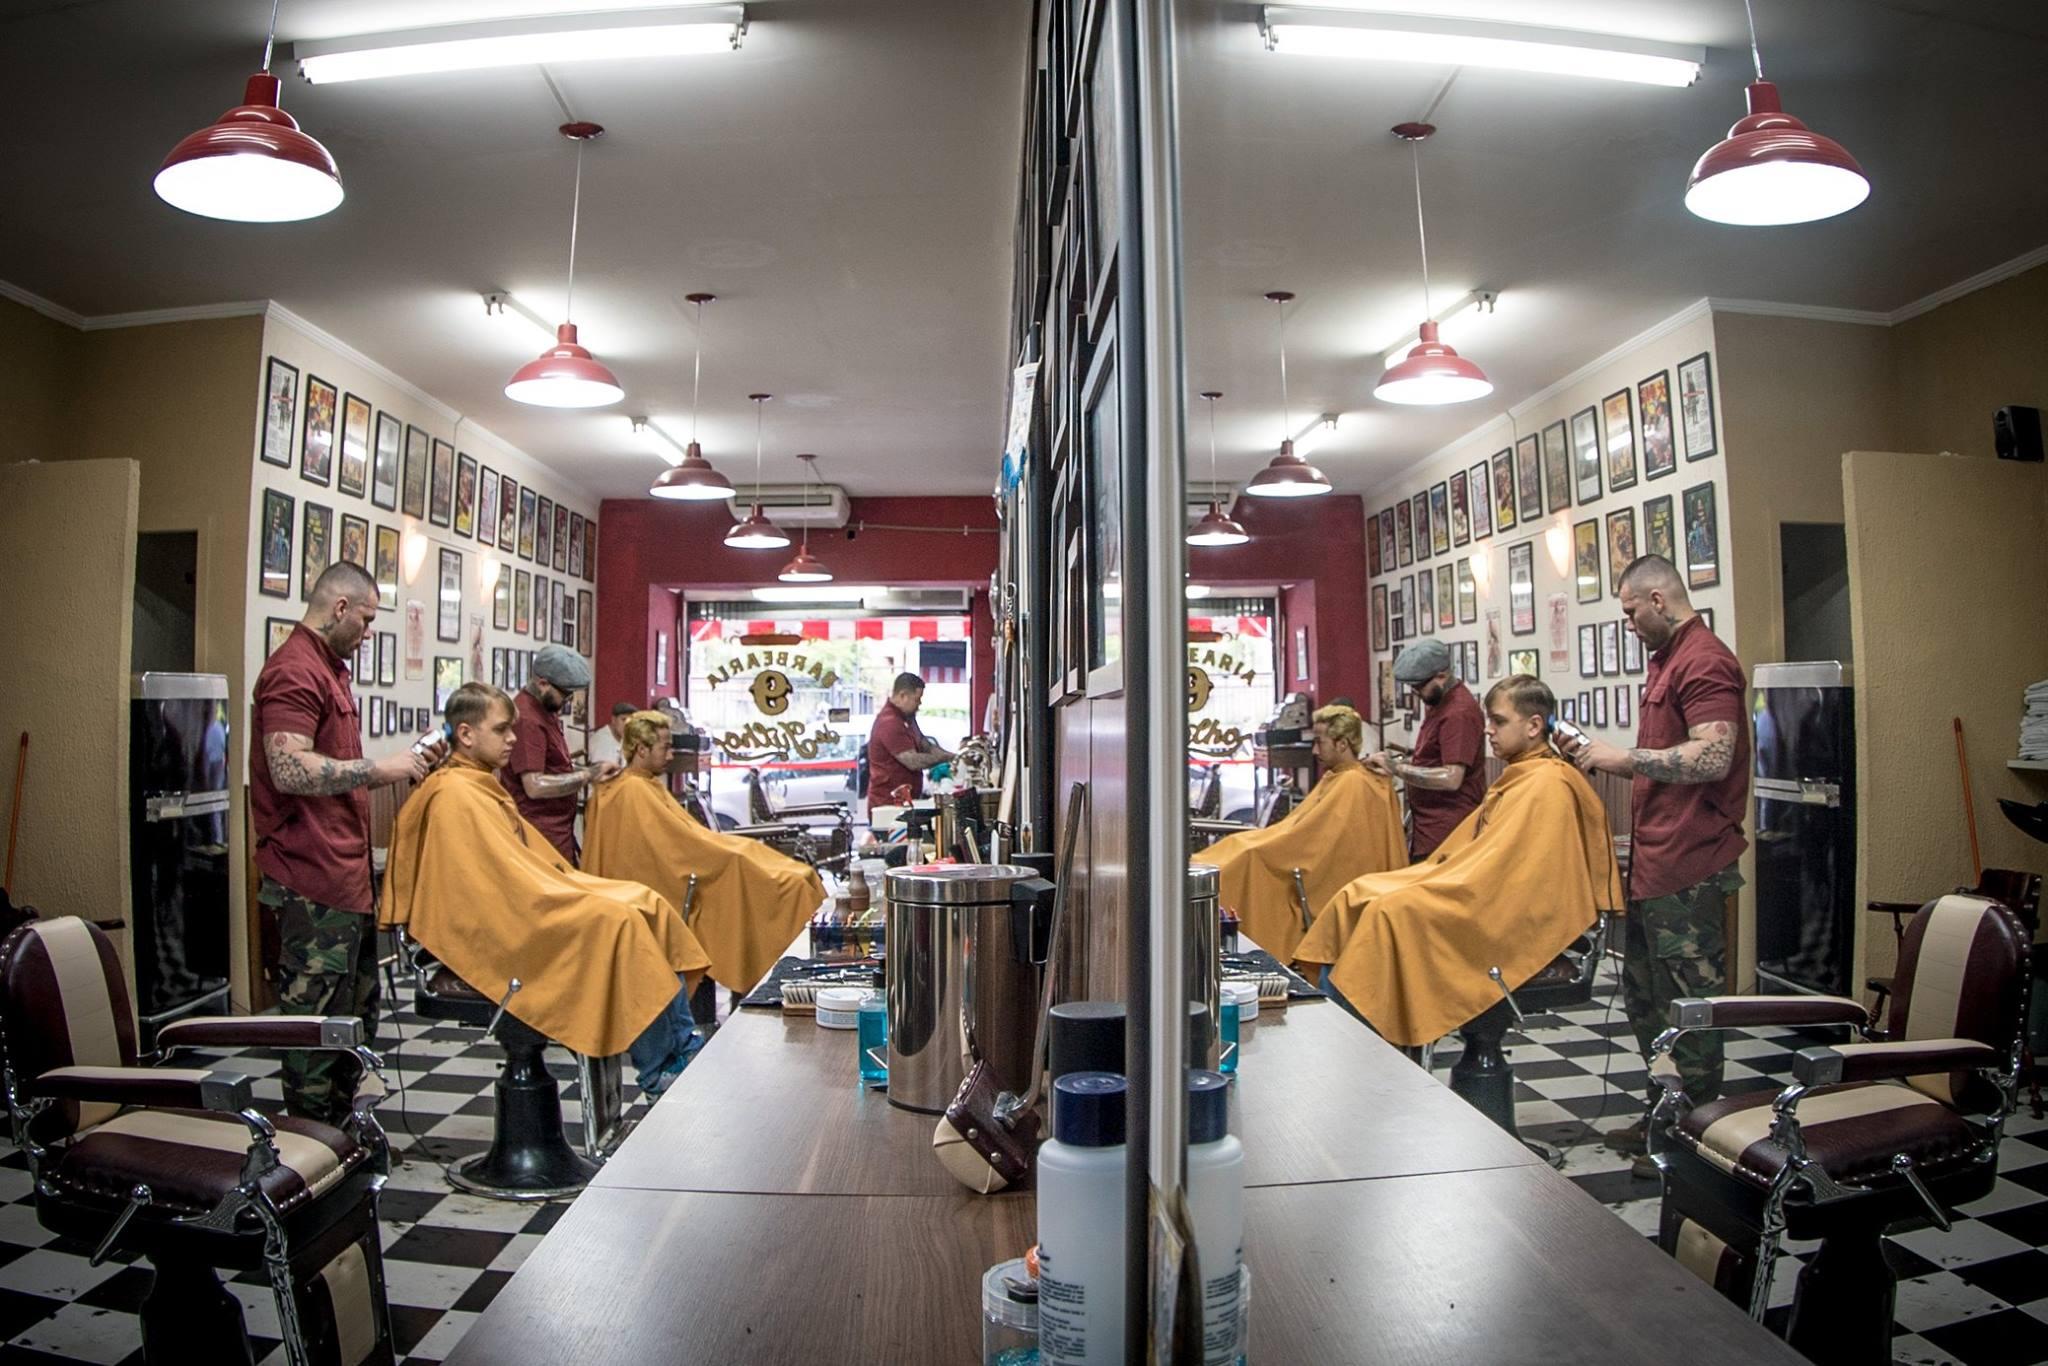 Barbearia-9-de-Julho-barbearias-retro-cheias-de-estilo